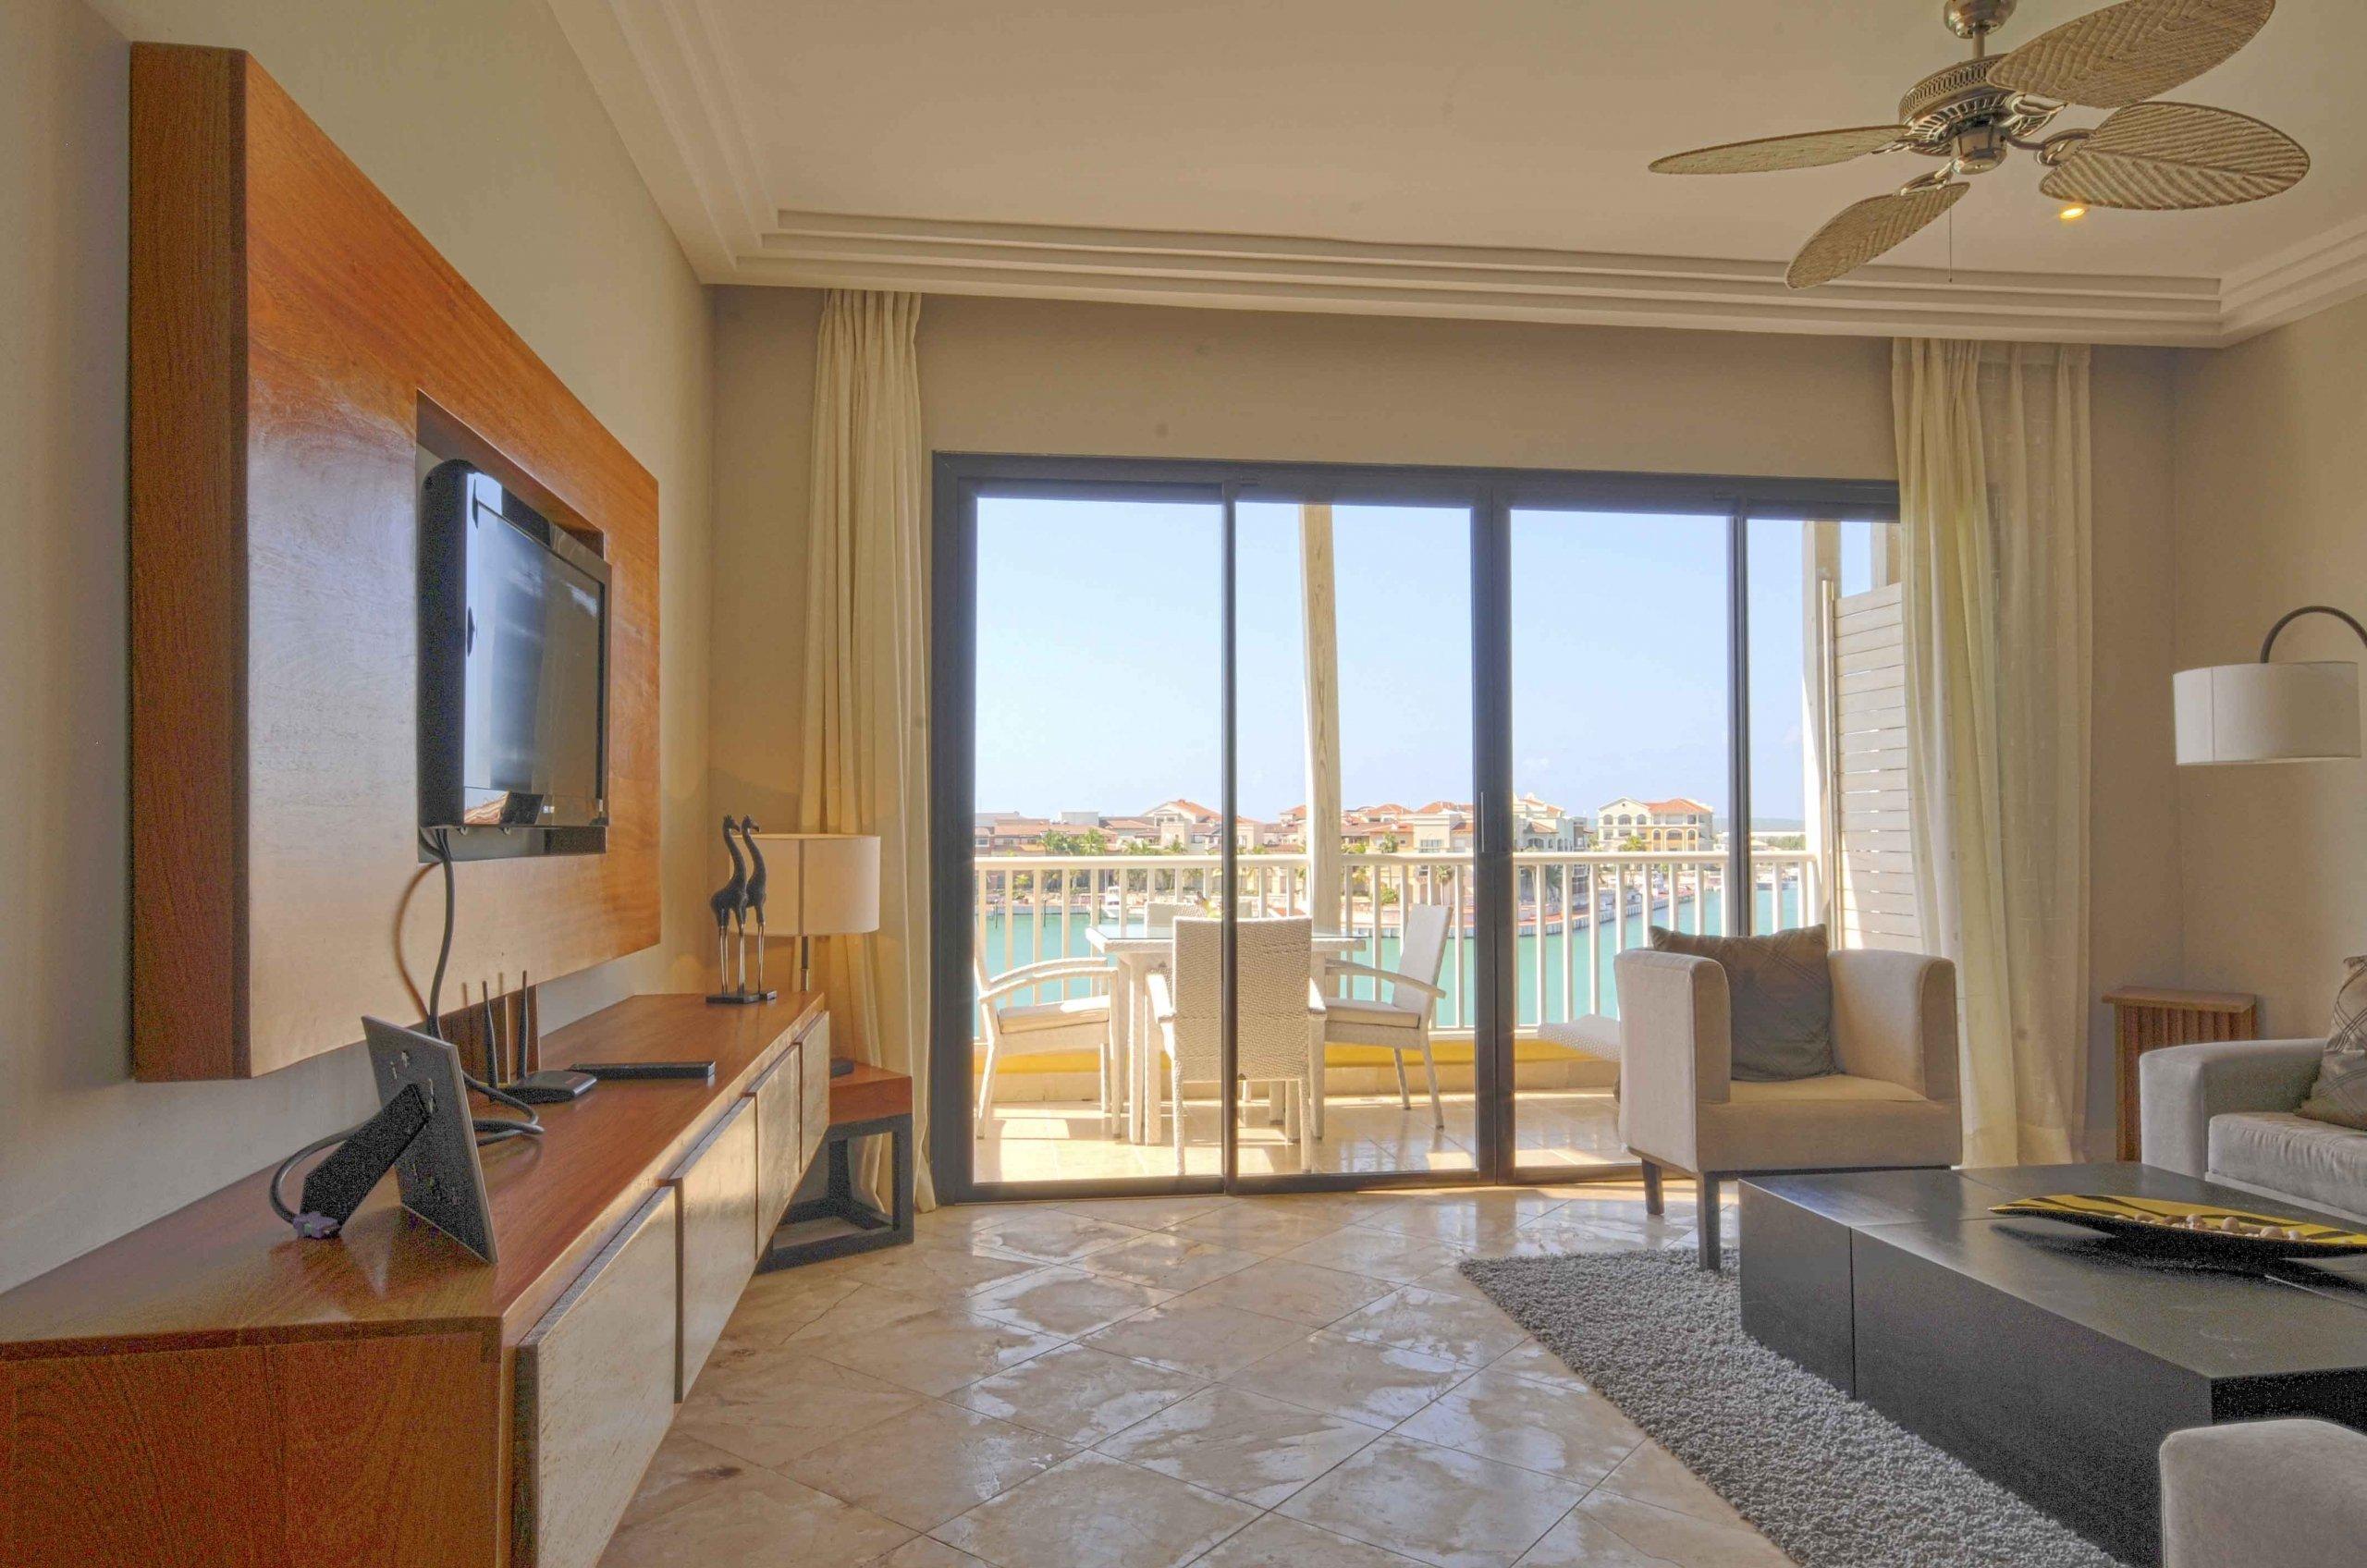 Bienes Raíces Cap Cana punta cana venta apartamentos condominios condo vista marina playa golf epic real estate república dominicana